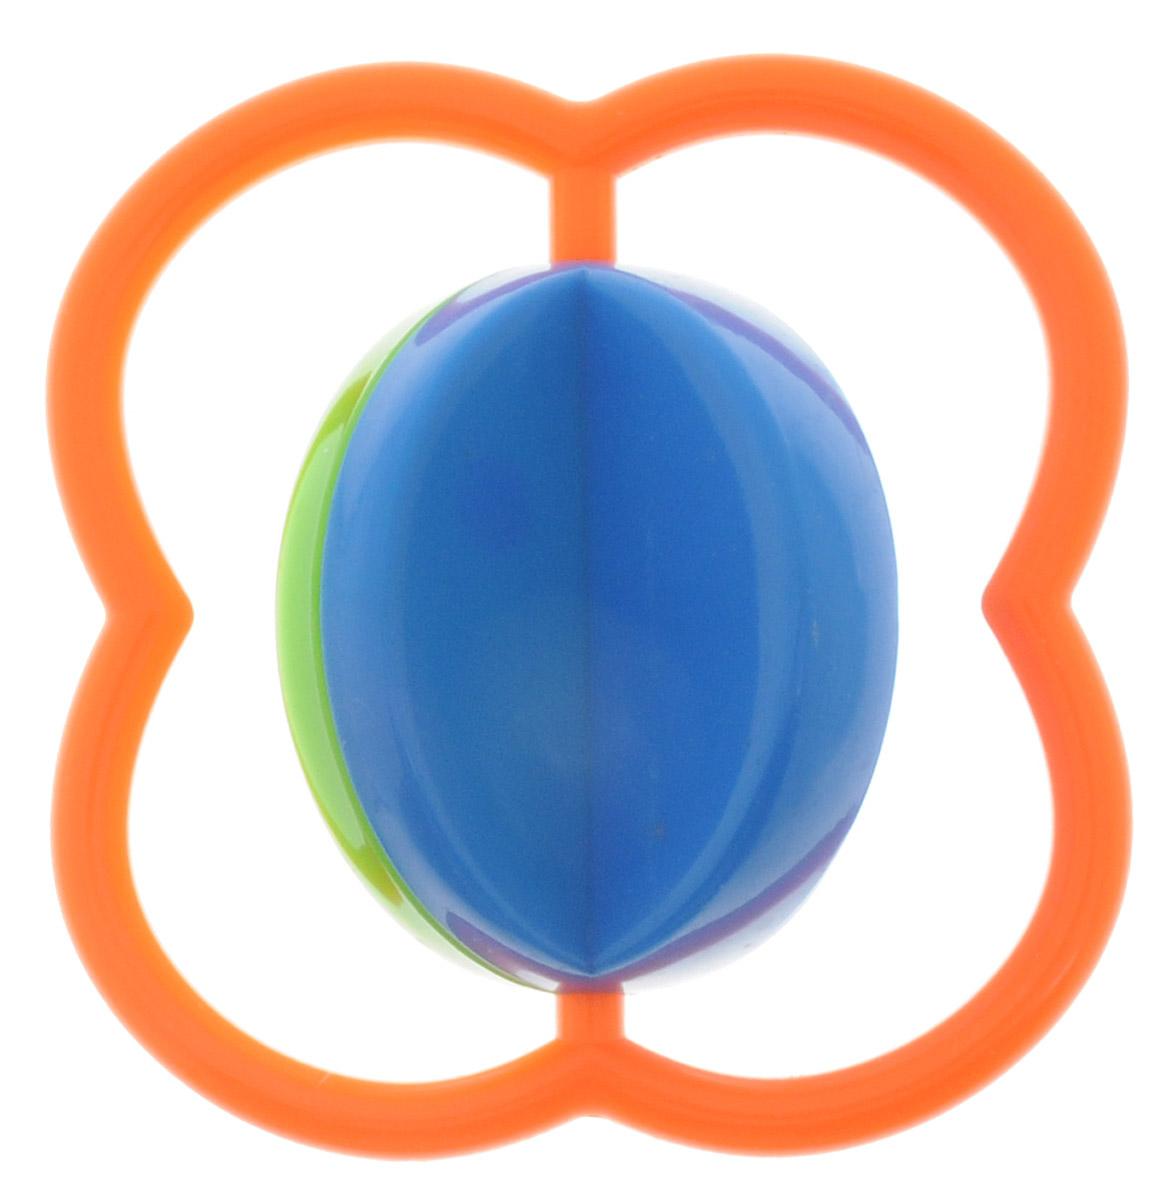 Малышарики Погремушка Карусель цвет зеленый синийMSH0302-009Малыш только начинает познавать окружающий мир. Погремушки помогают ему в этом, развивая необходимые в будущем навыки и способности. Кроха учится держать предметы, различать звуки и знакомится с формами и цветами. Погремушка Малышарики Карусель непременно привлечет внимание вашего малыша. С первых месяцев жизни ребенок начинает интересоваться яркими, подвижными предметами, ведь они являются его главными помощниками в изучении нашего удивительного мира. Забавная погремушка поможет малышу научиться фокусировать свое внимание. Игрушка развивает мелкую моторику и слуховое восприятие. Рекомендуемый возраст от 0 до 1 года.